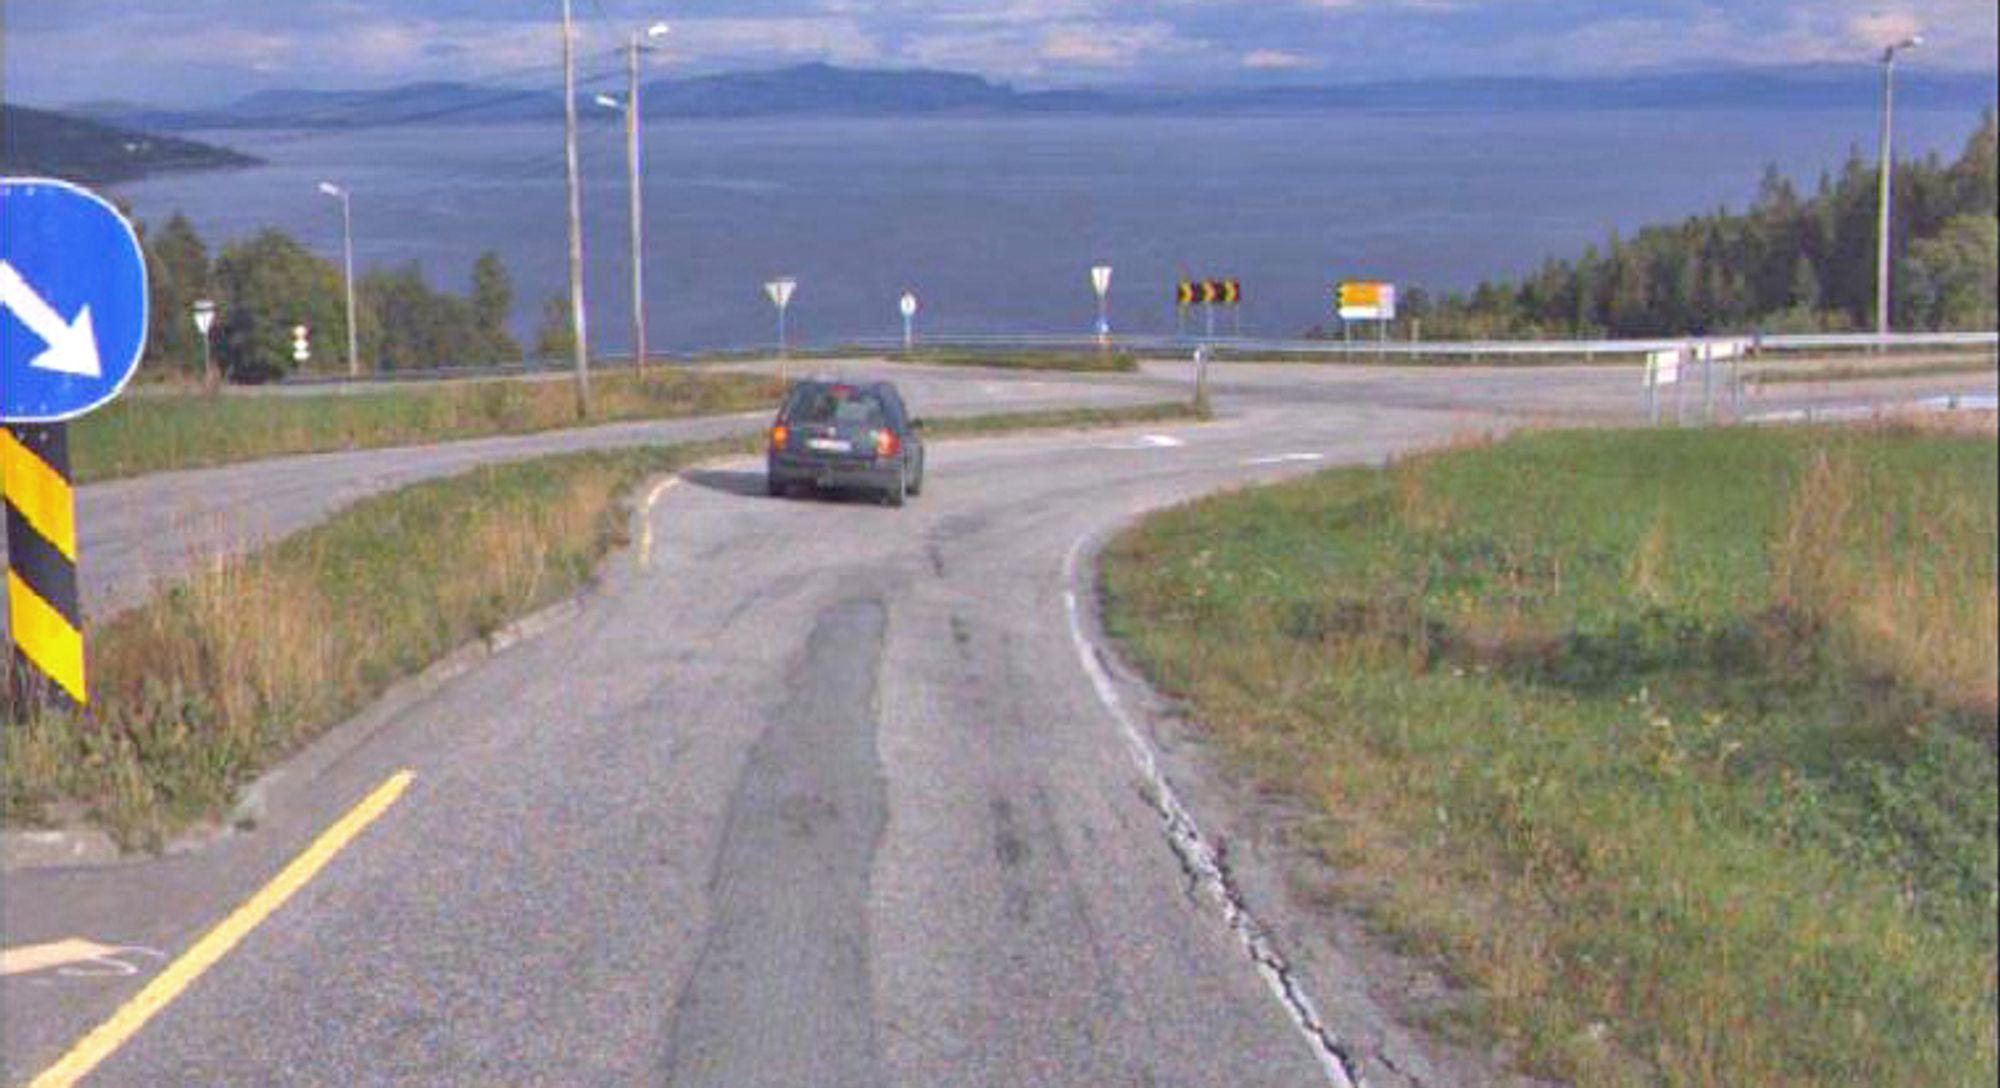 Bildet viser søndre endepunkt for strekningen som skal utbedres. Krysset i bakgrunnen skal bygges om. Fra krysset går fylkesveg 715 til høyre og 755 til venstre.